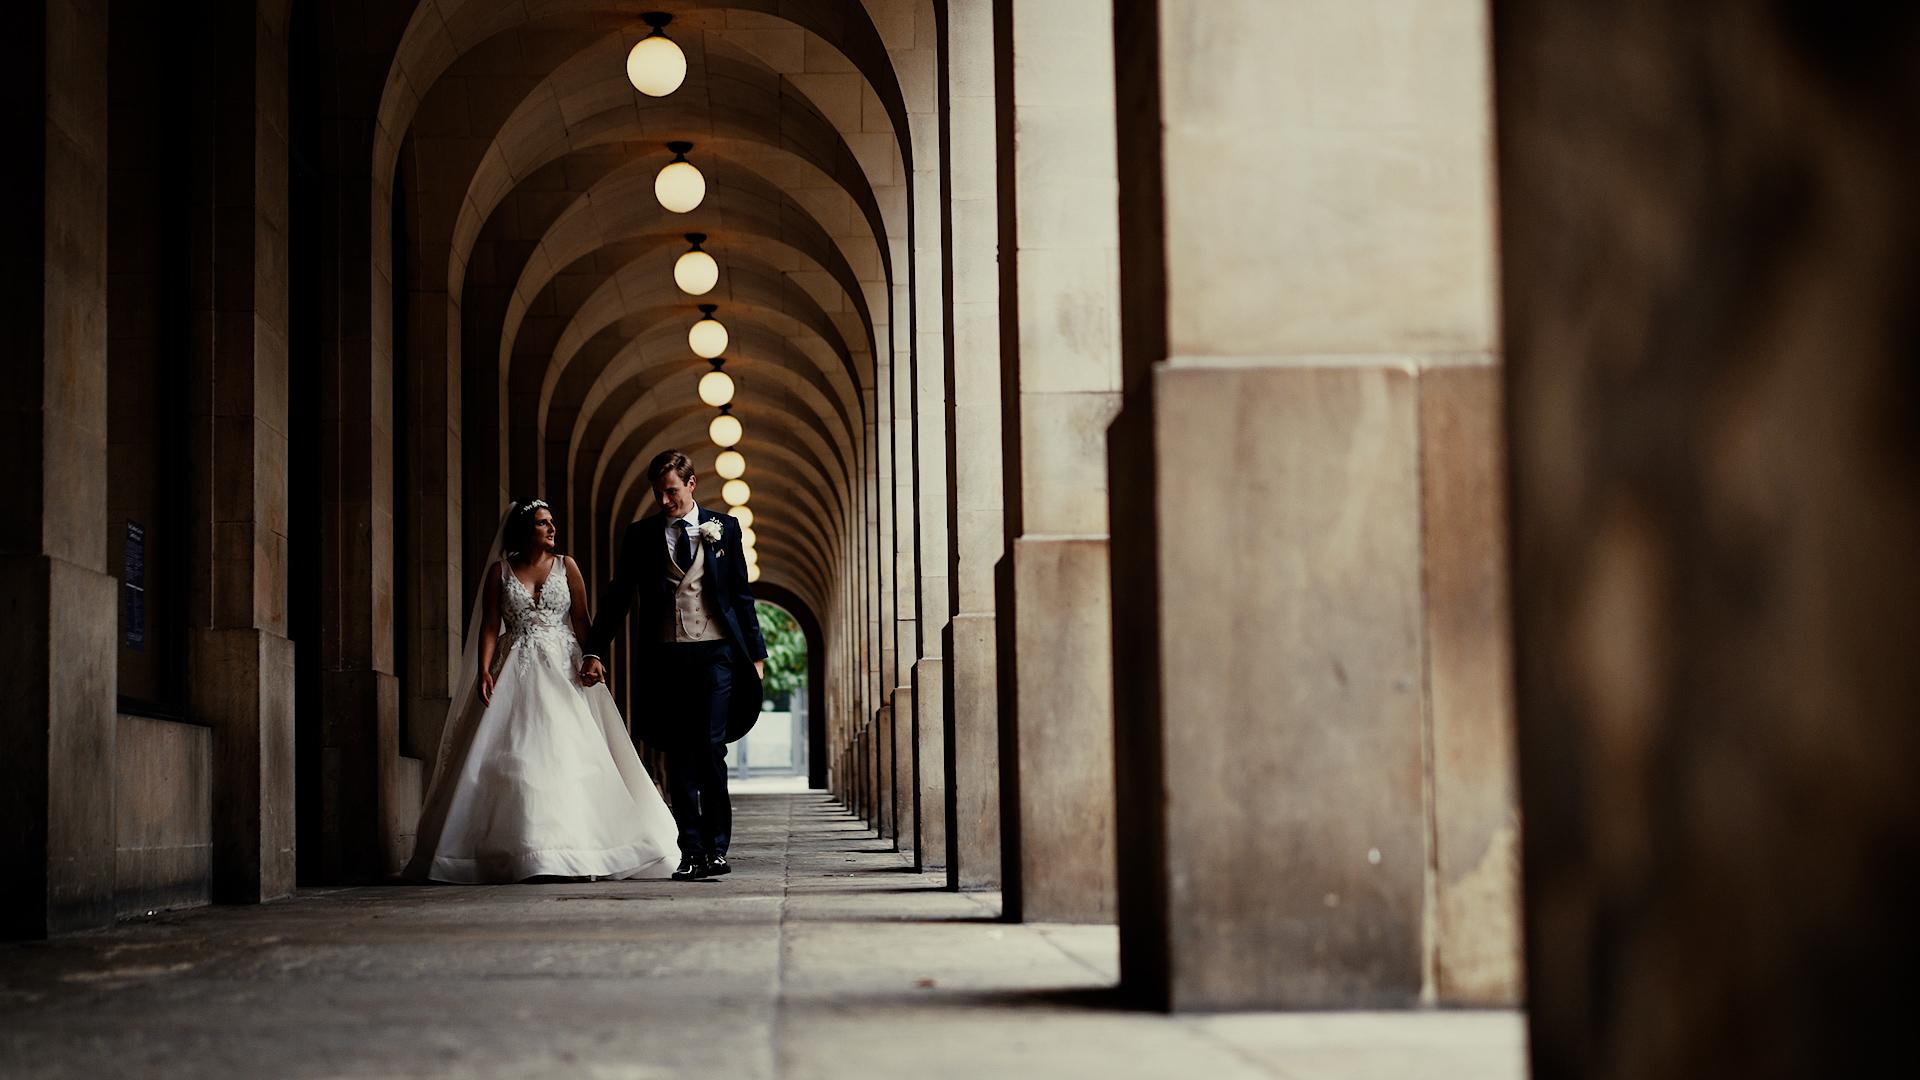 Midland Hotel manchester Wedding Video